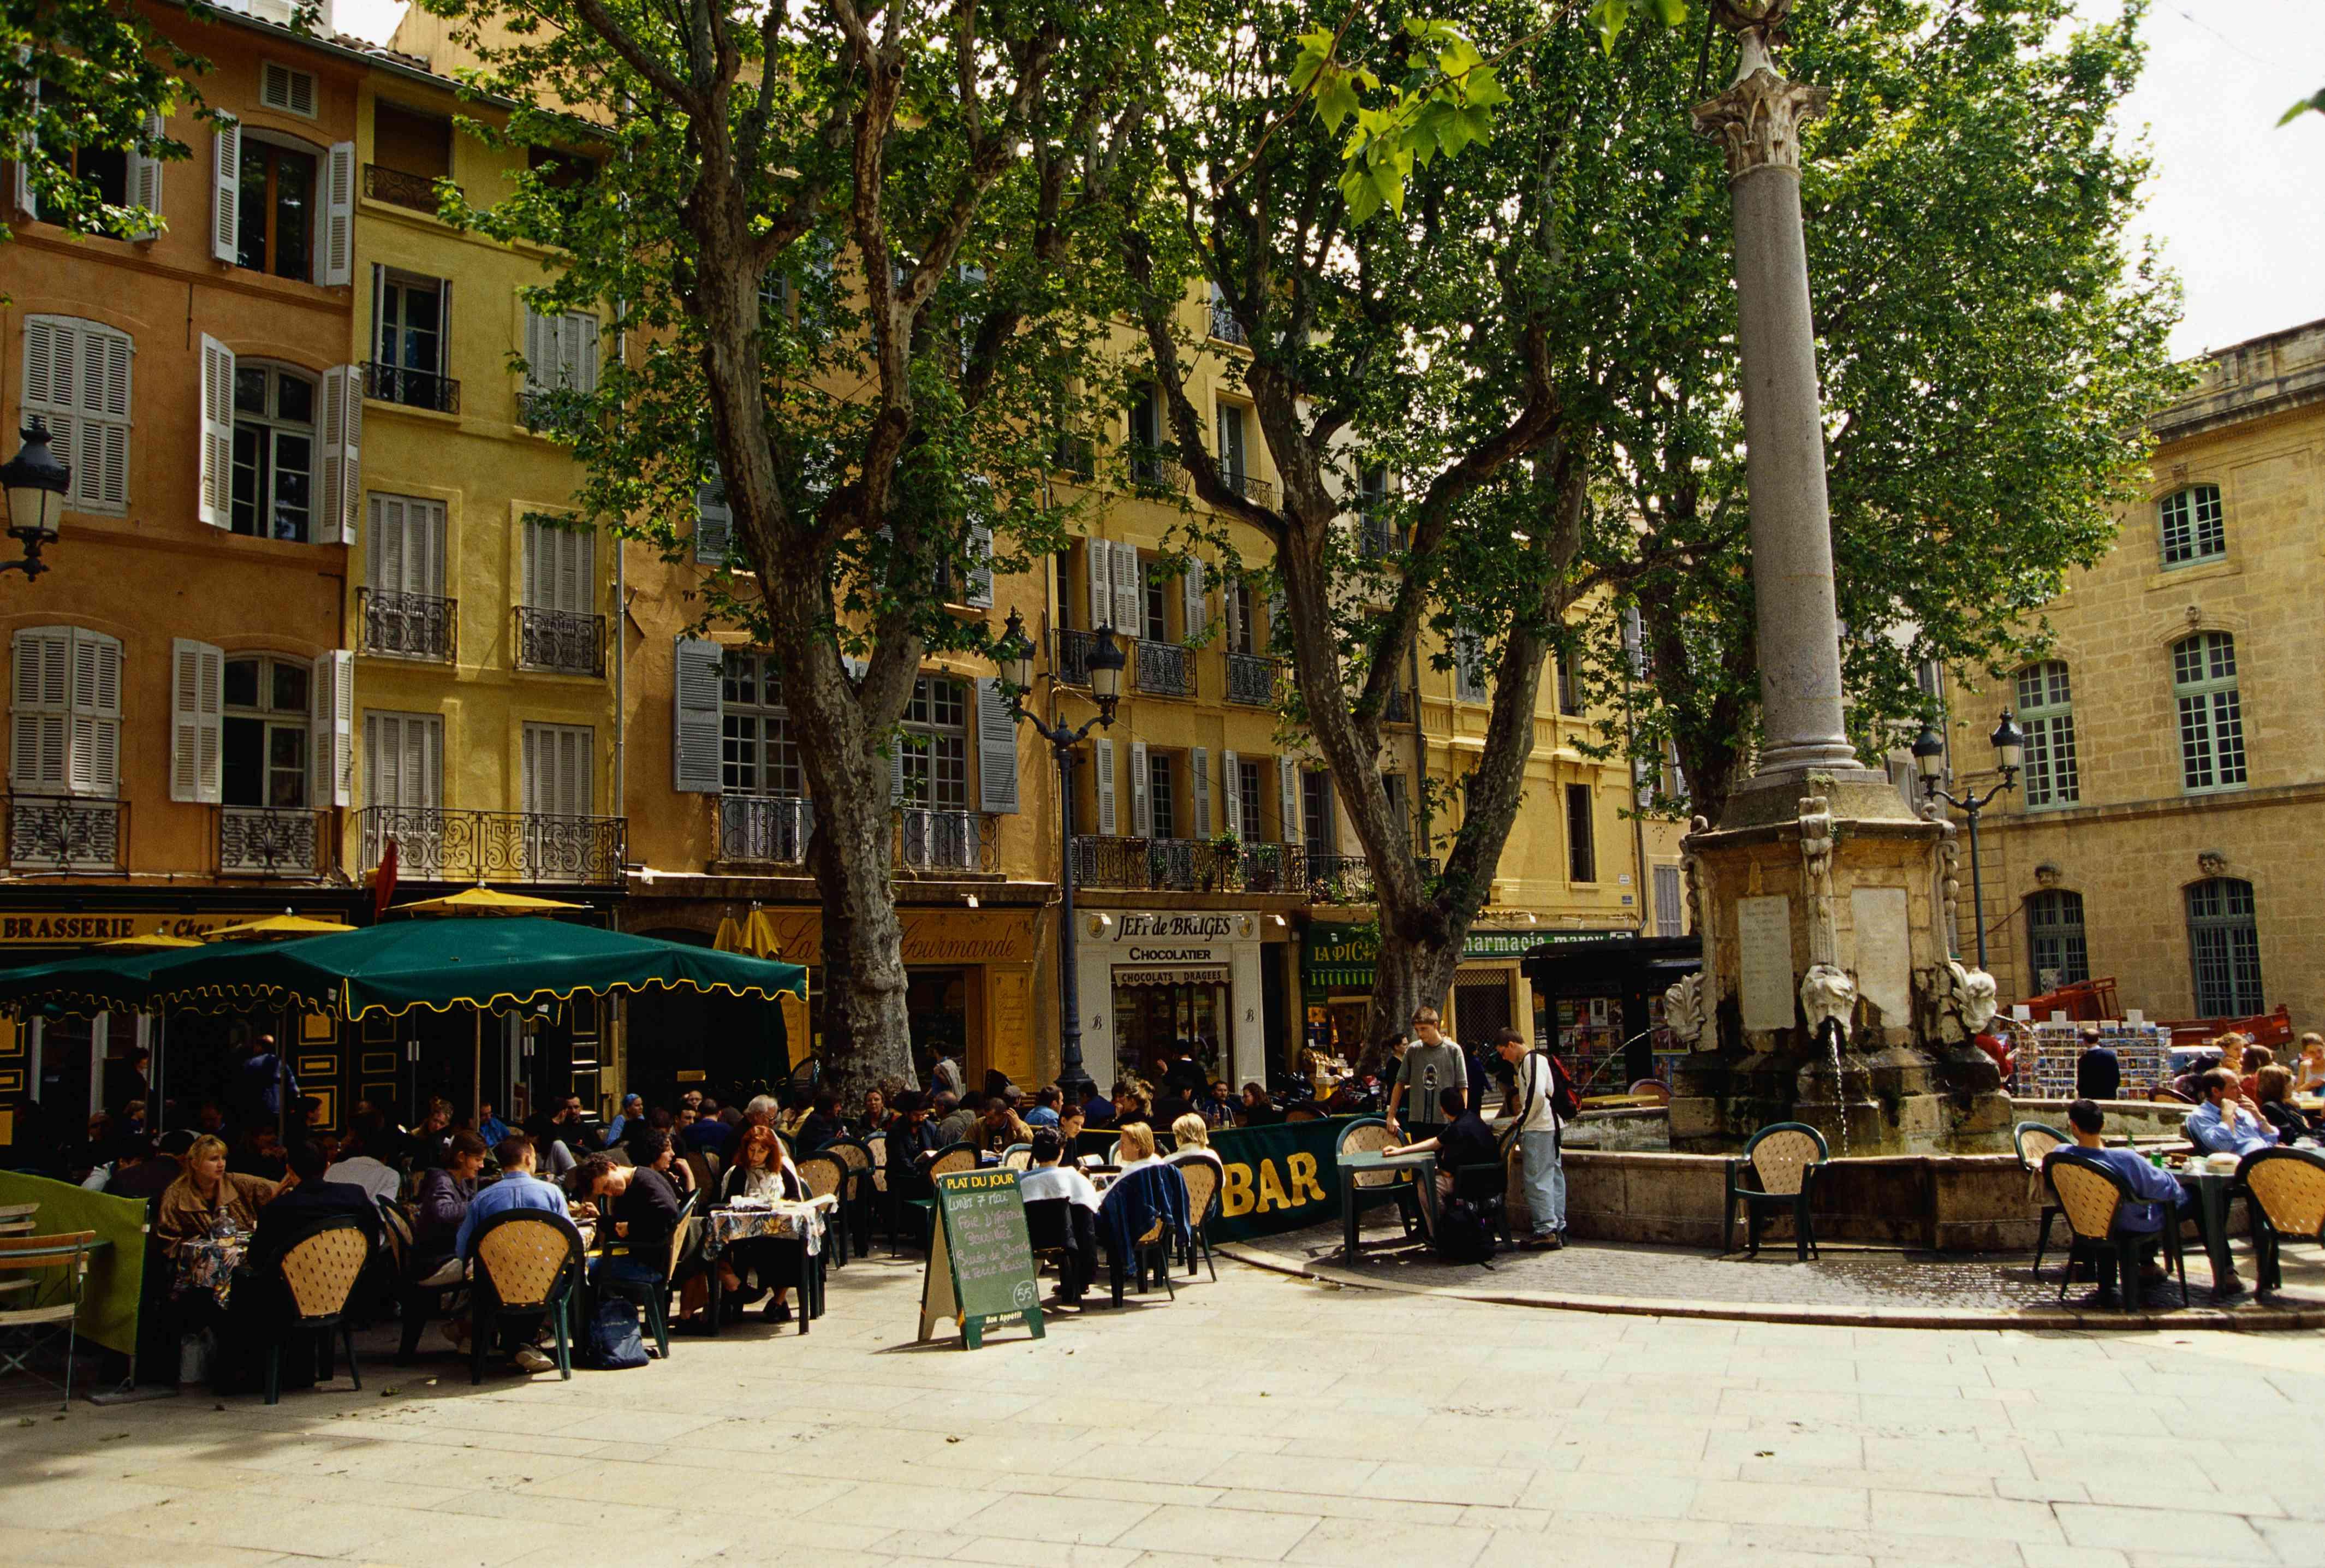 Sidewalk Cafes on the Place de Hotel de Ville